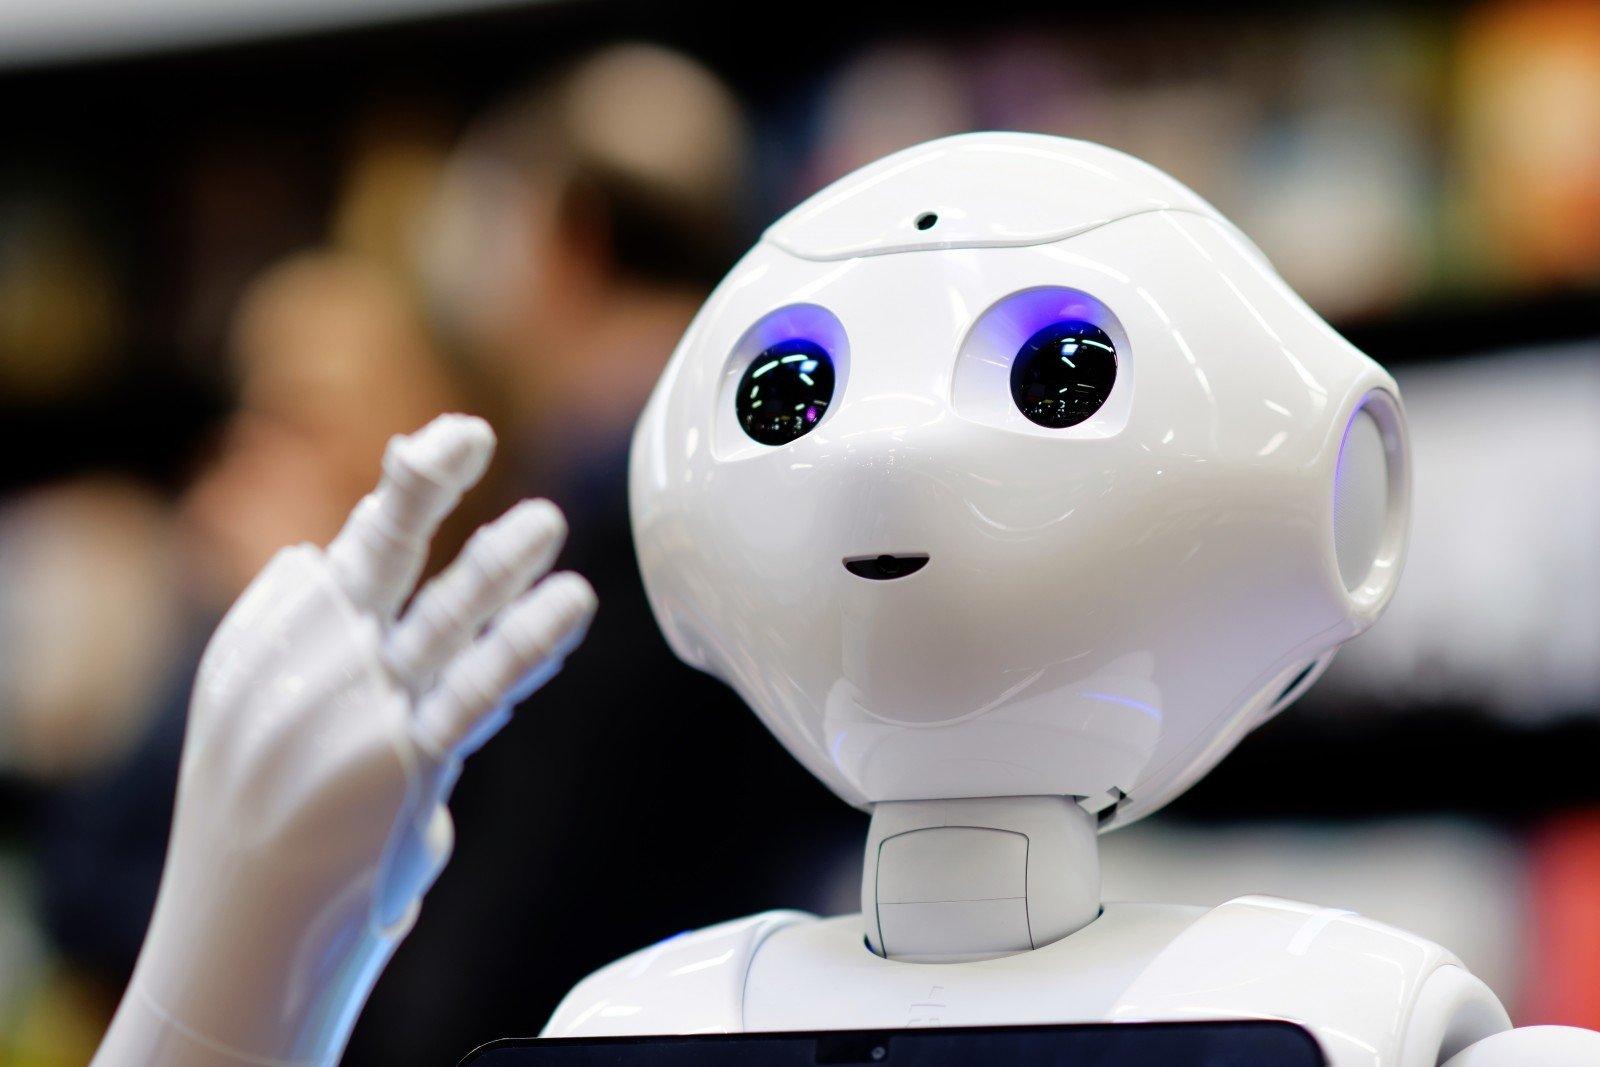 Darbuotojas – robotų dirigentas: kaip robotai gali motyvuoti darbuotojus būti lojalius - LRT